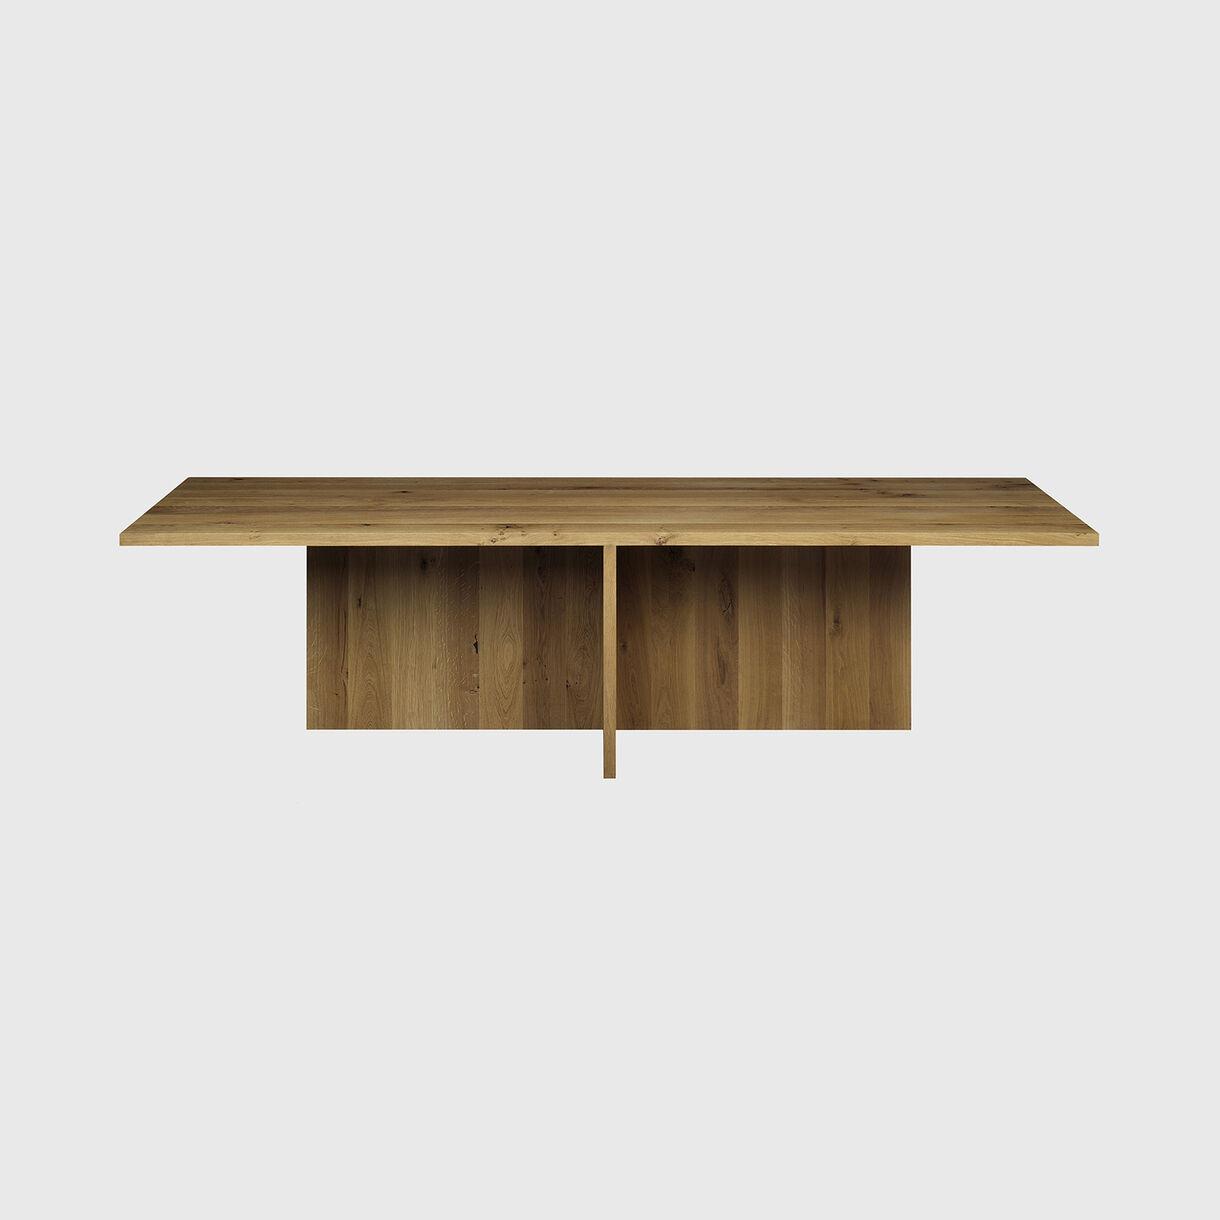 Zehn Table